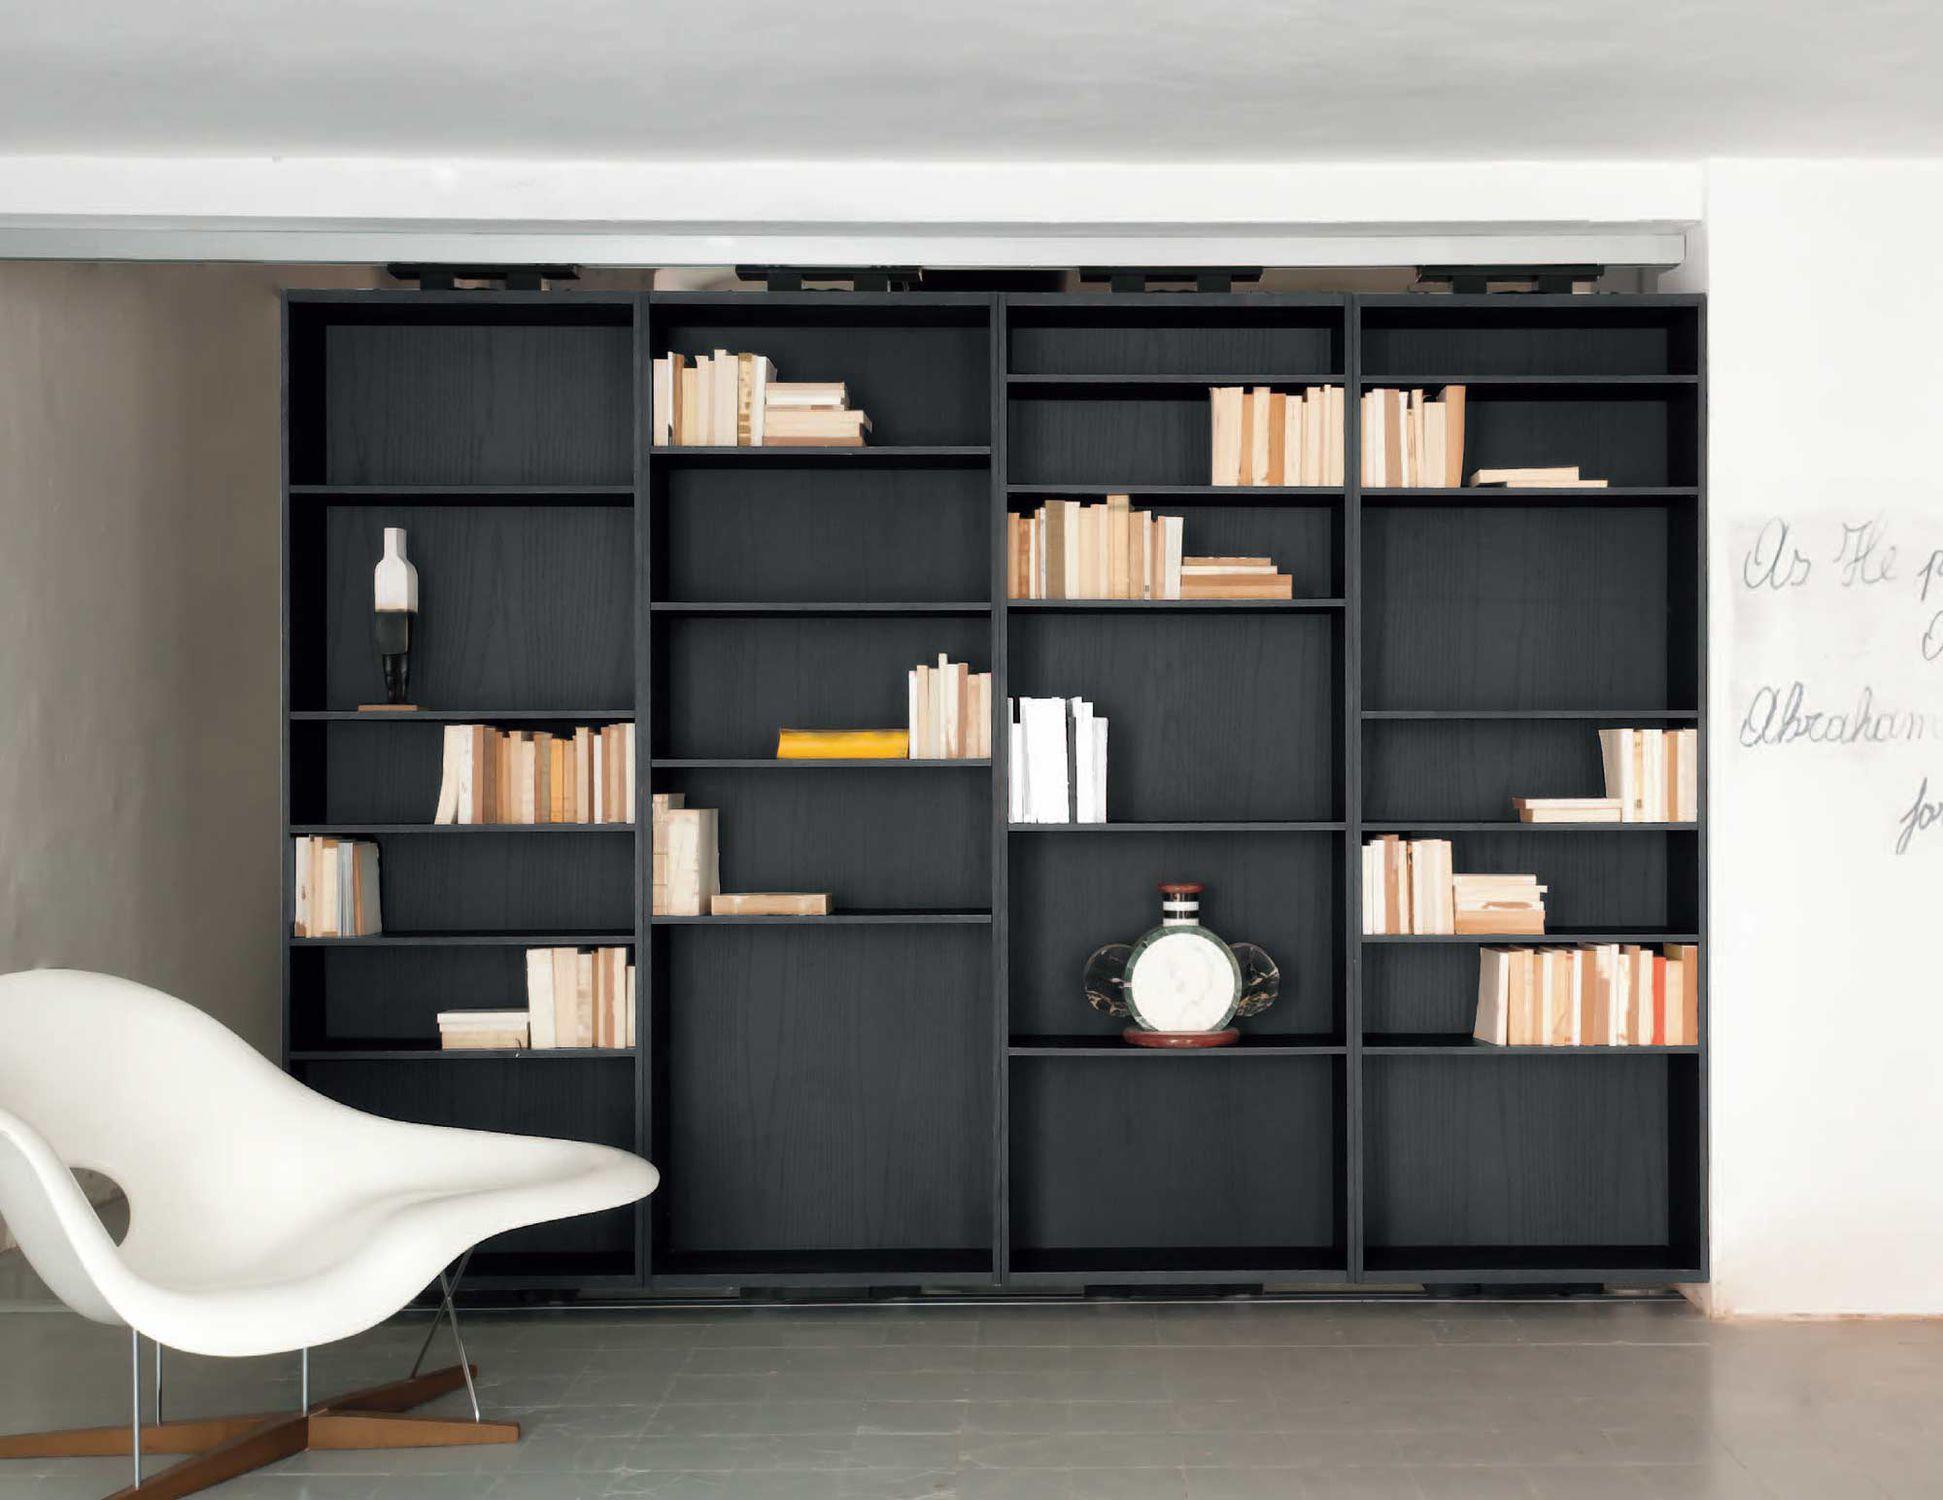 Albed Libreria Girevole Prezzo libreria modulare - vista girevole - albed - pavimento